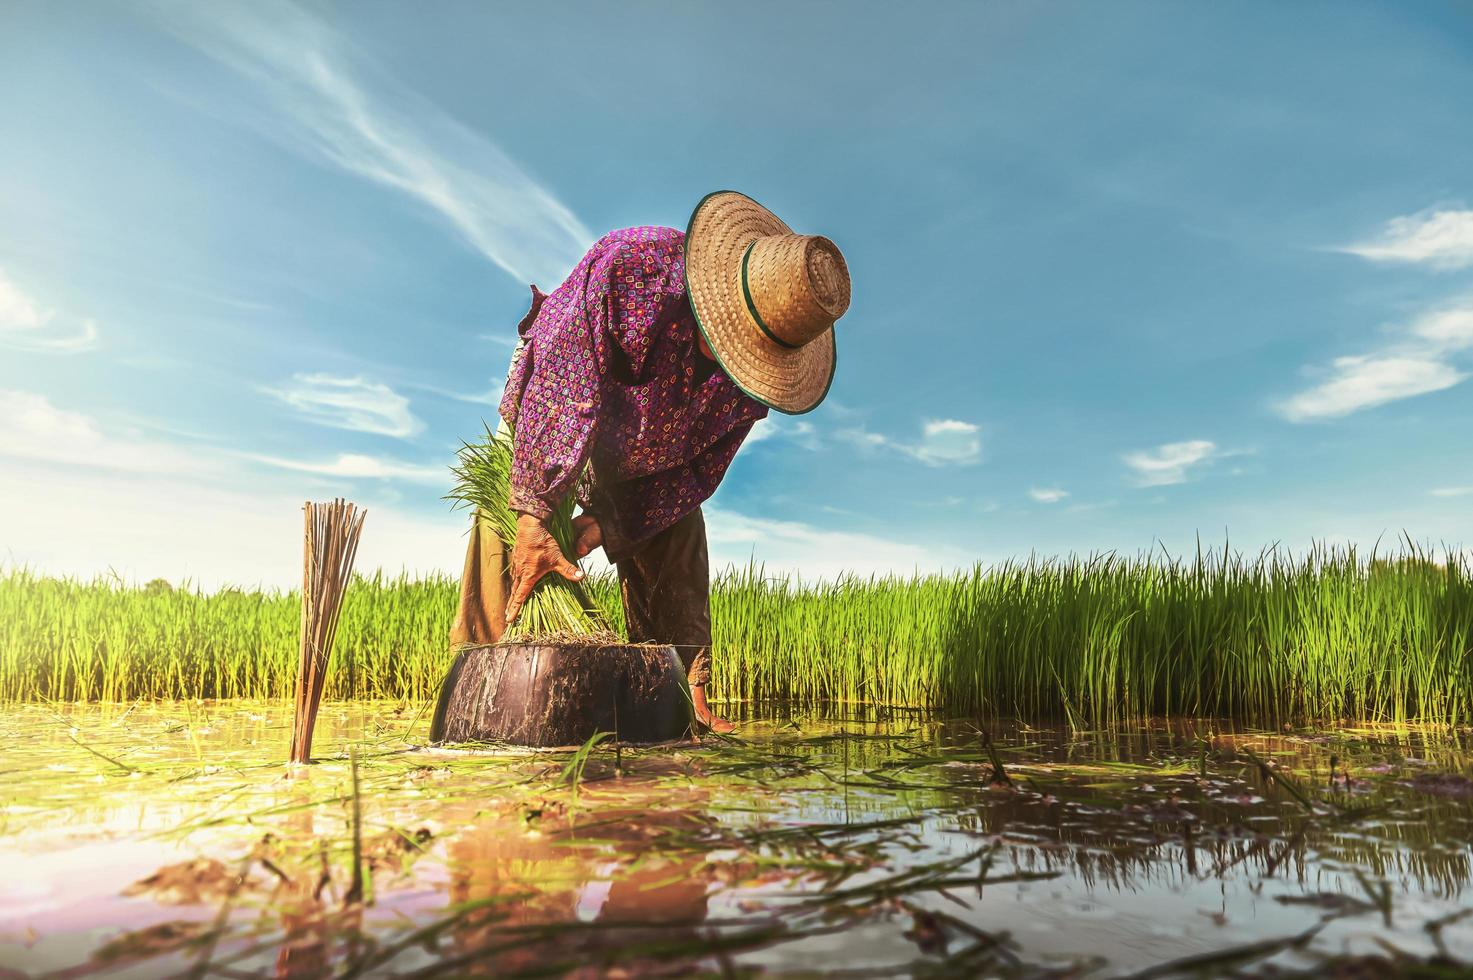 pessoa que planta no campo de arroz foto